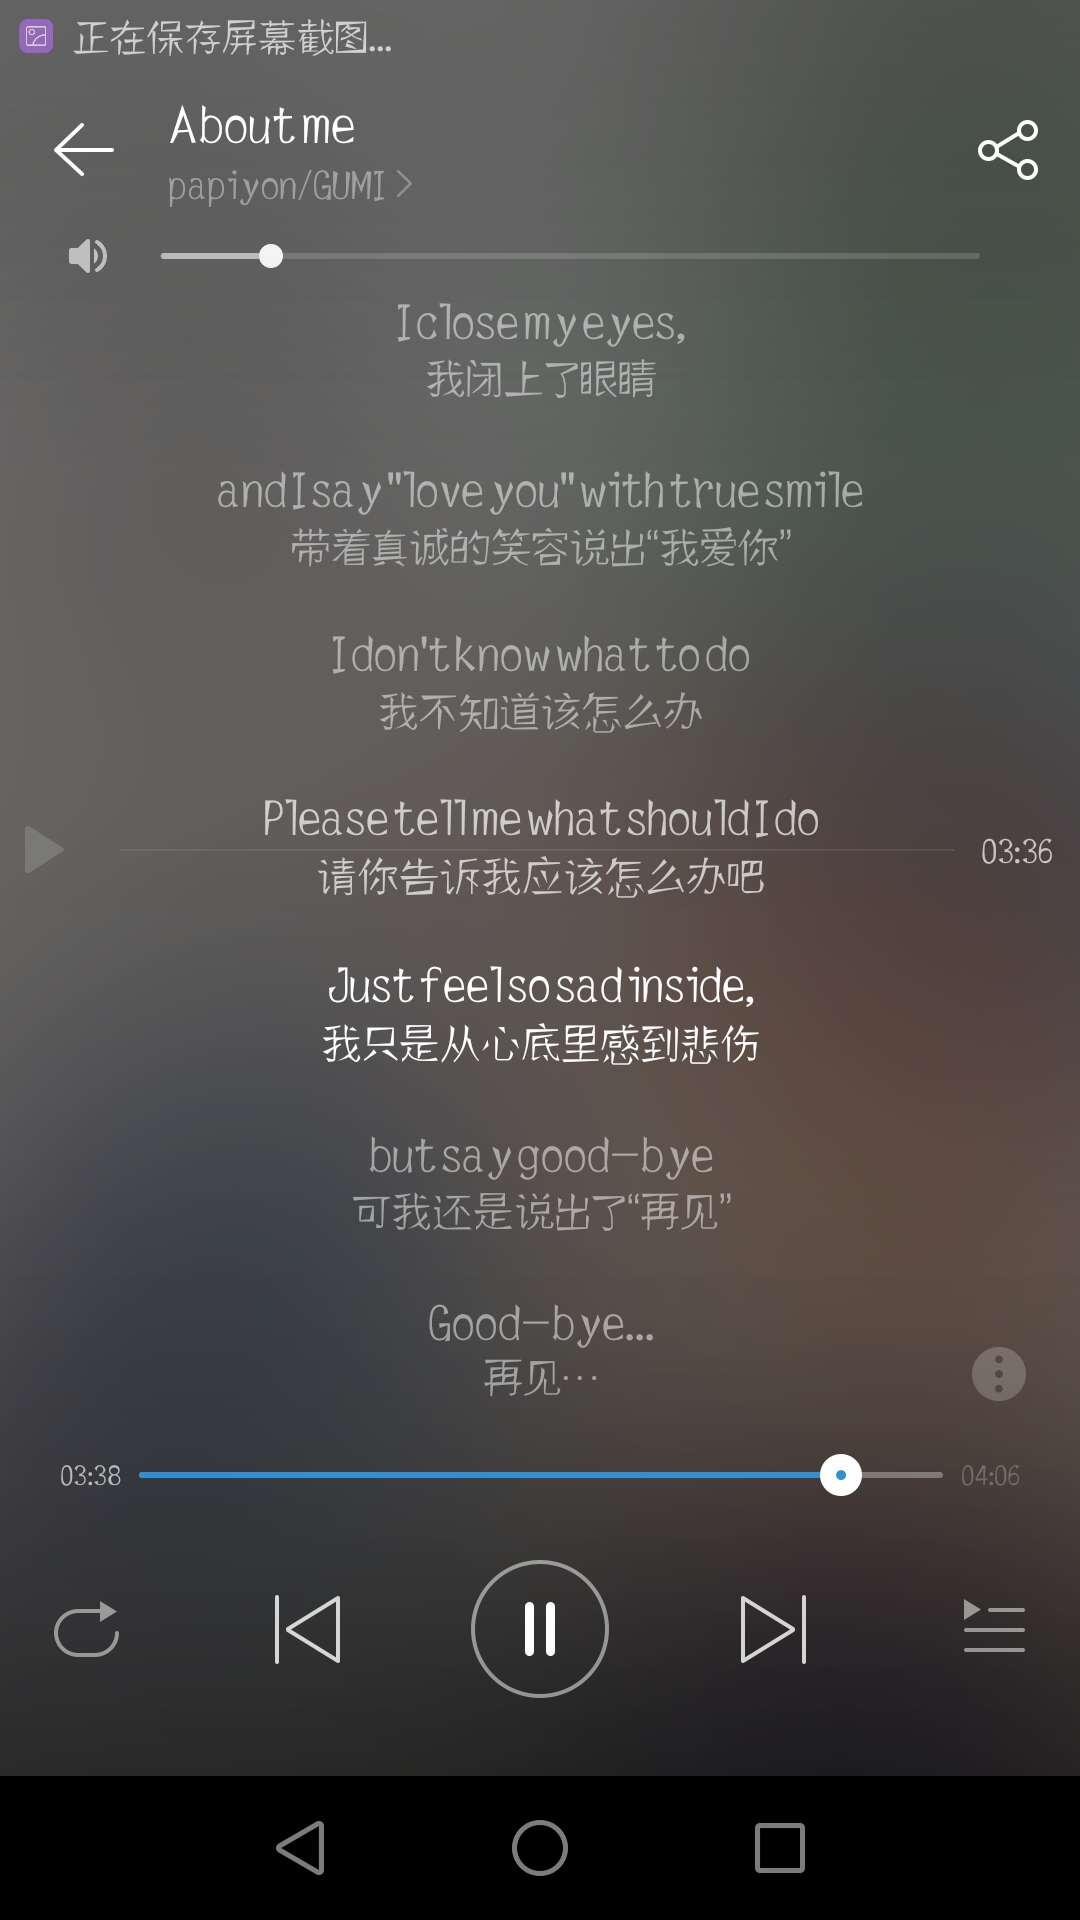 【音乐】About me,对不起我的错表情包